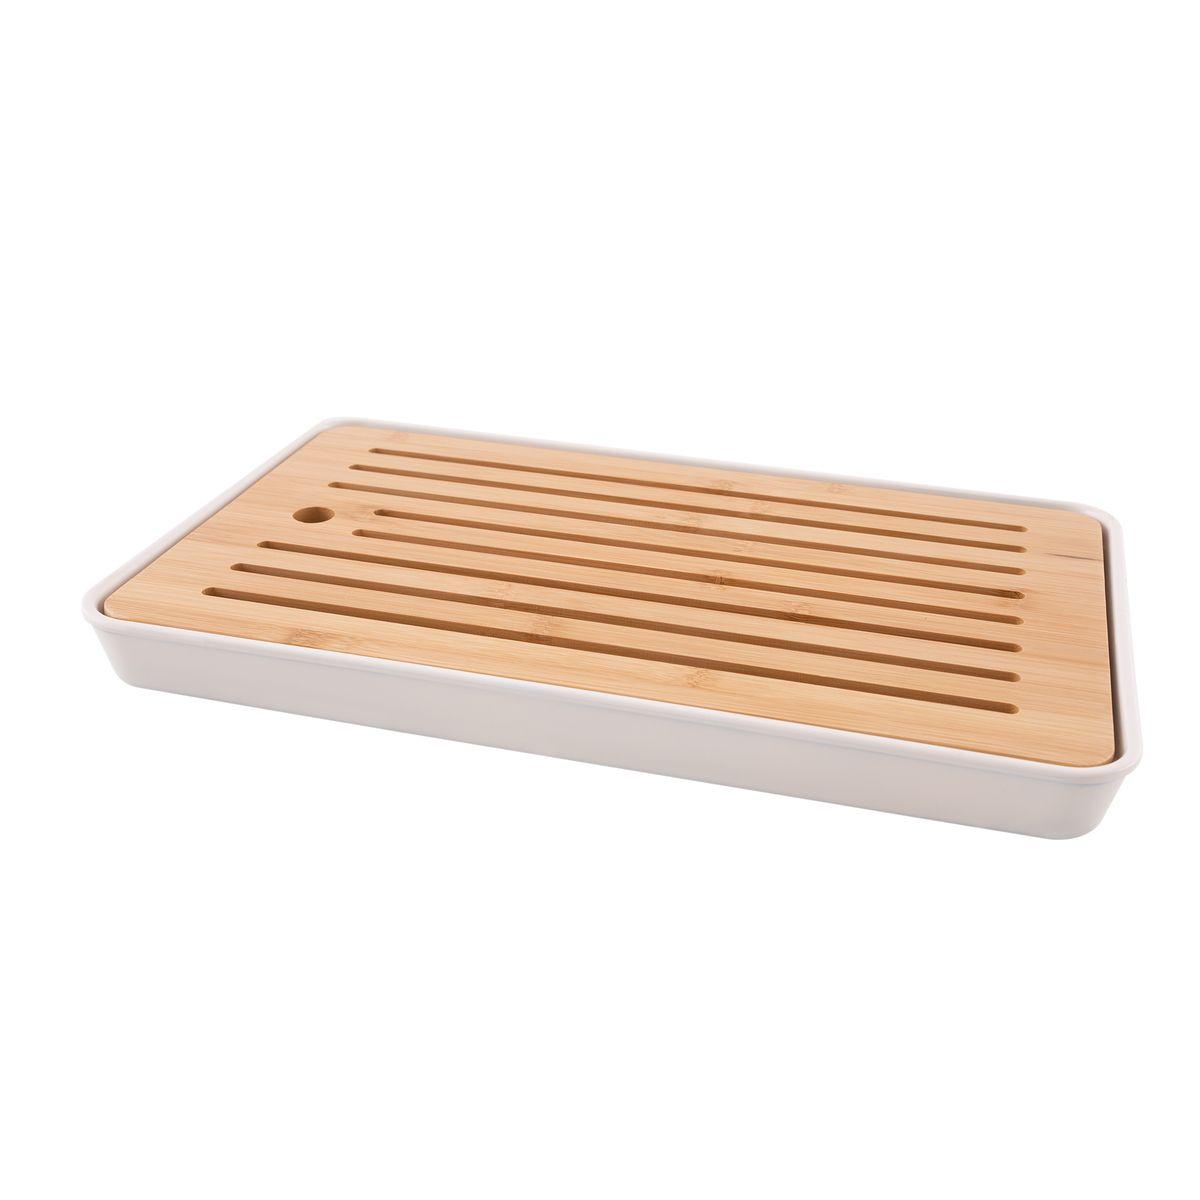 Planche à pain bambou & fibre bambou blanc cassé 43x26x4.3cm - PointVirgule